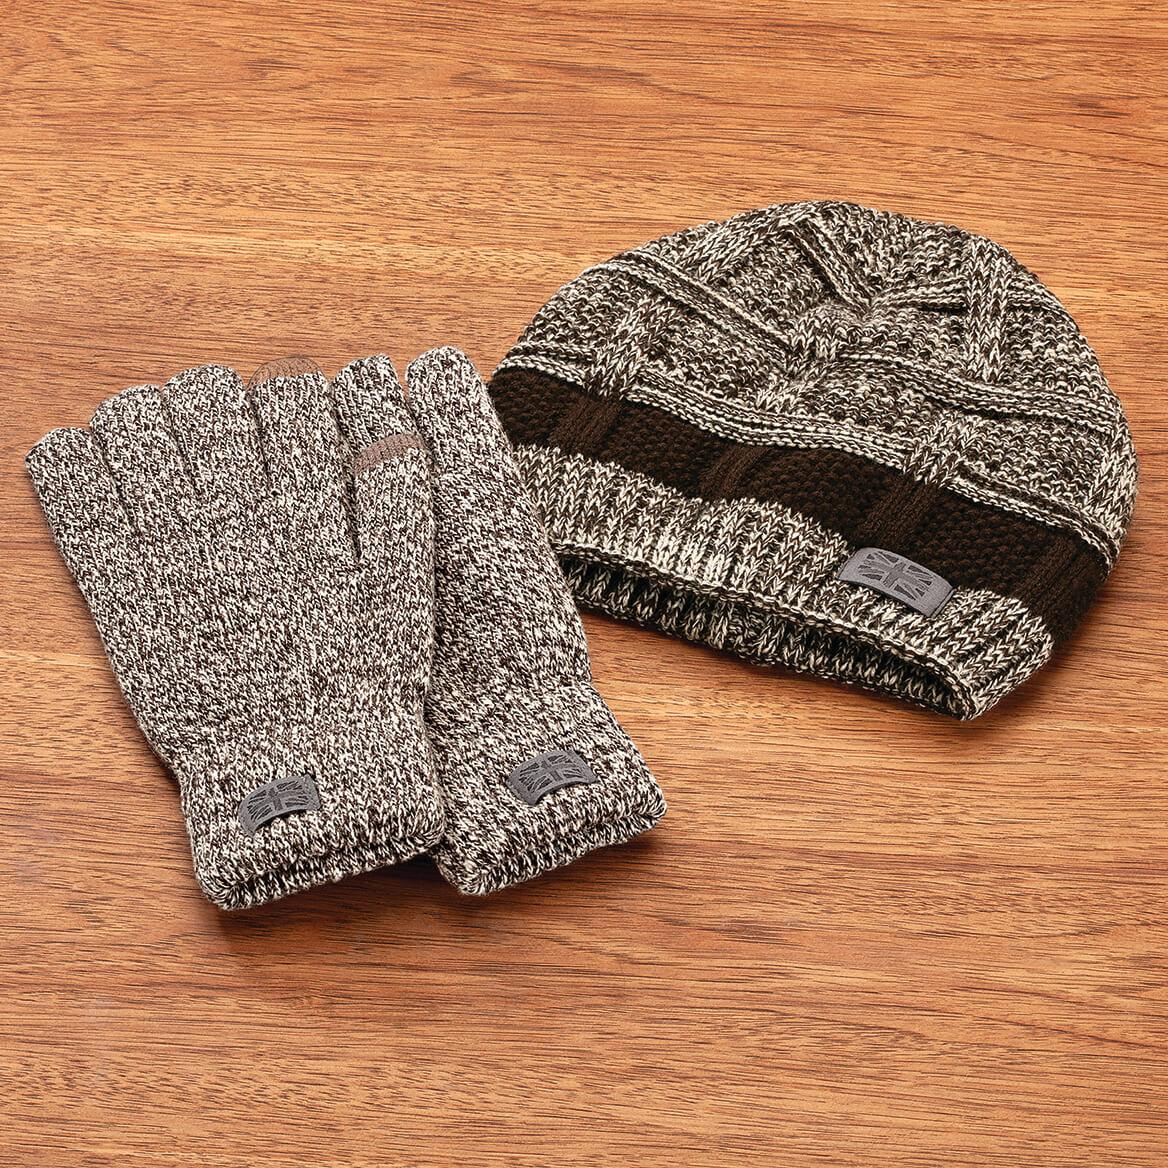 Britt's Knits ™ Men's Frontier Beanie & Gloves Set-370562